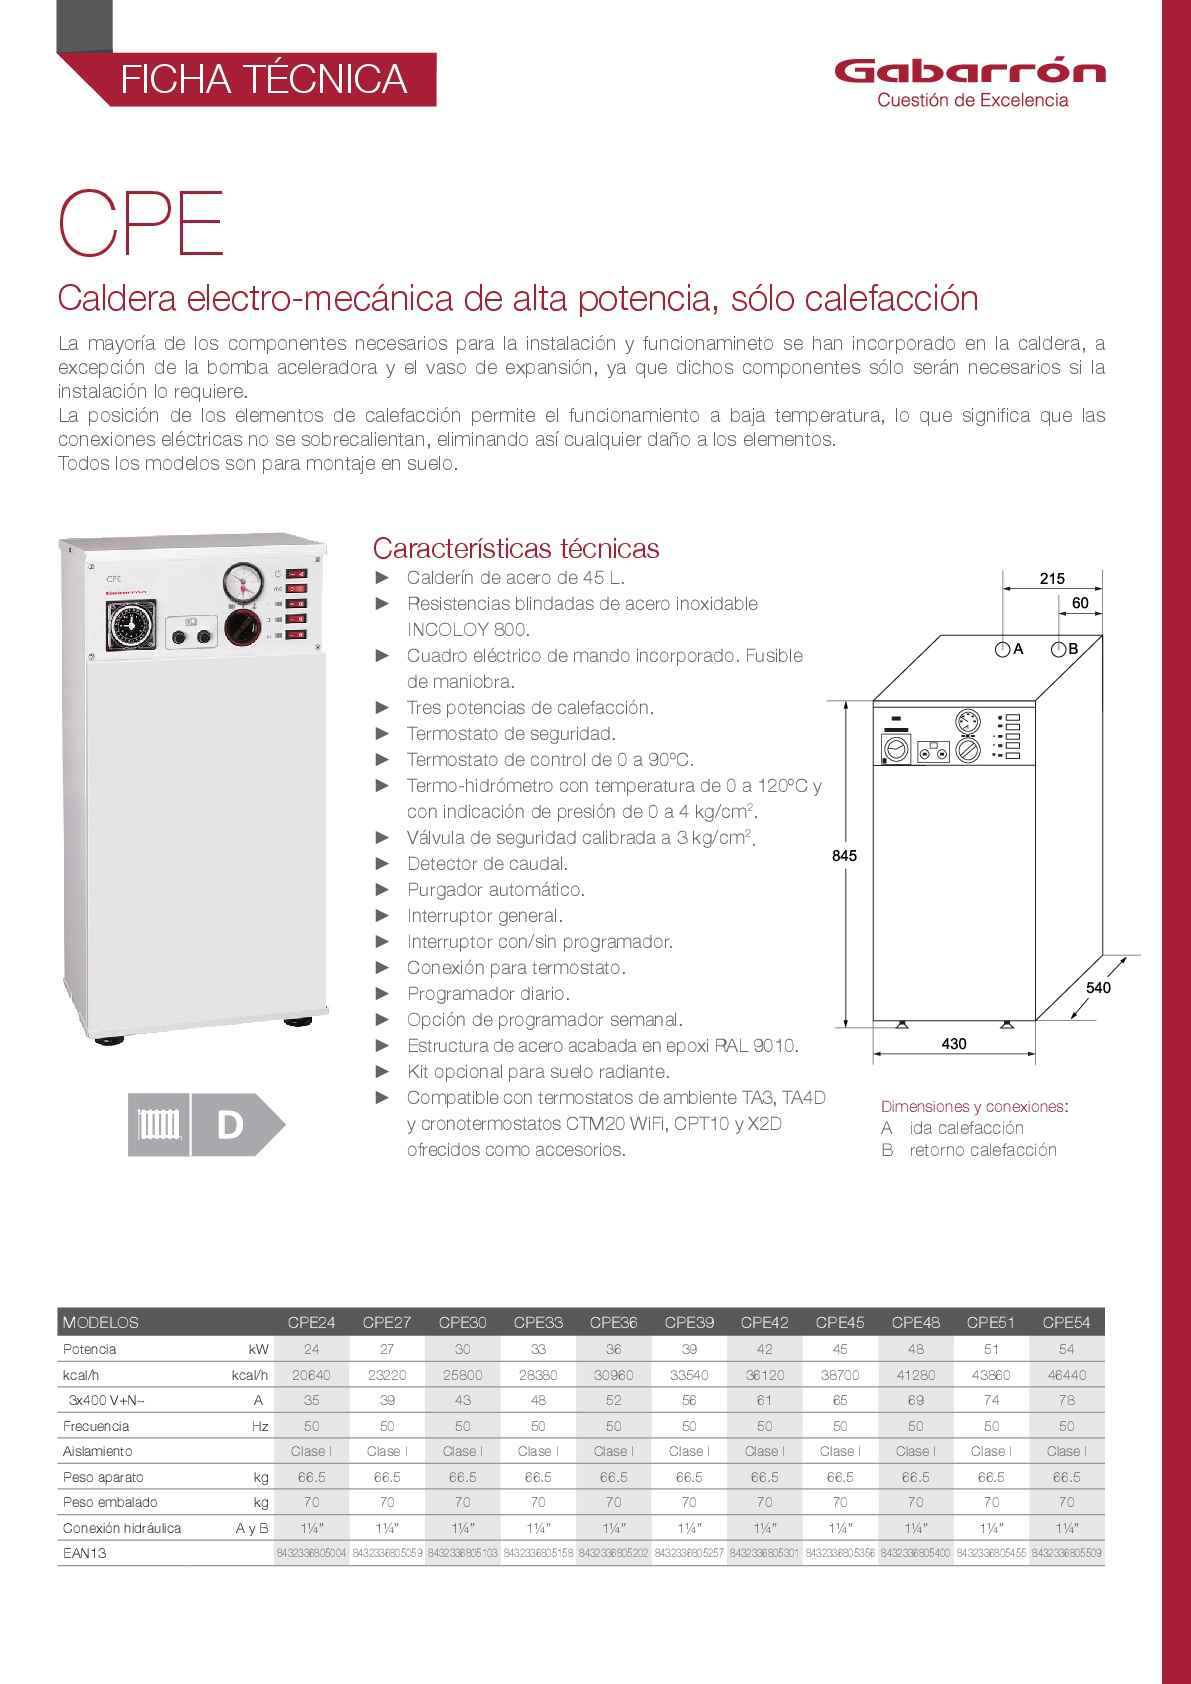 Caldera eléctrica Gabarrón CPE